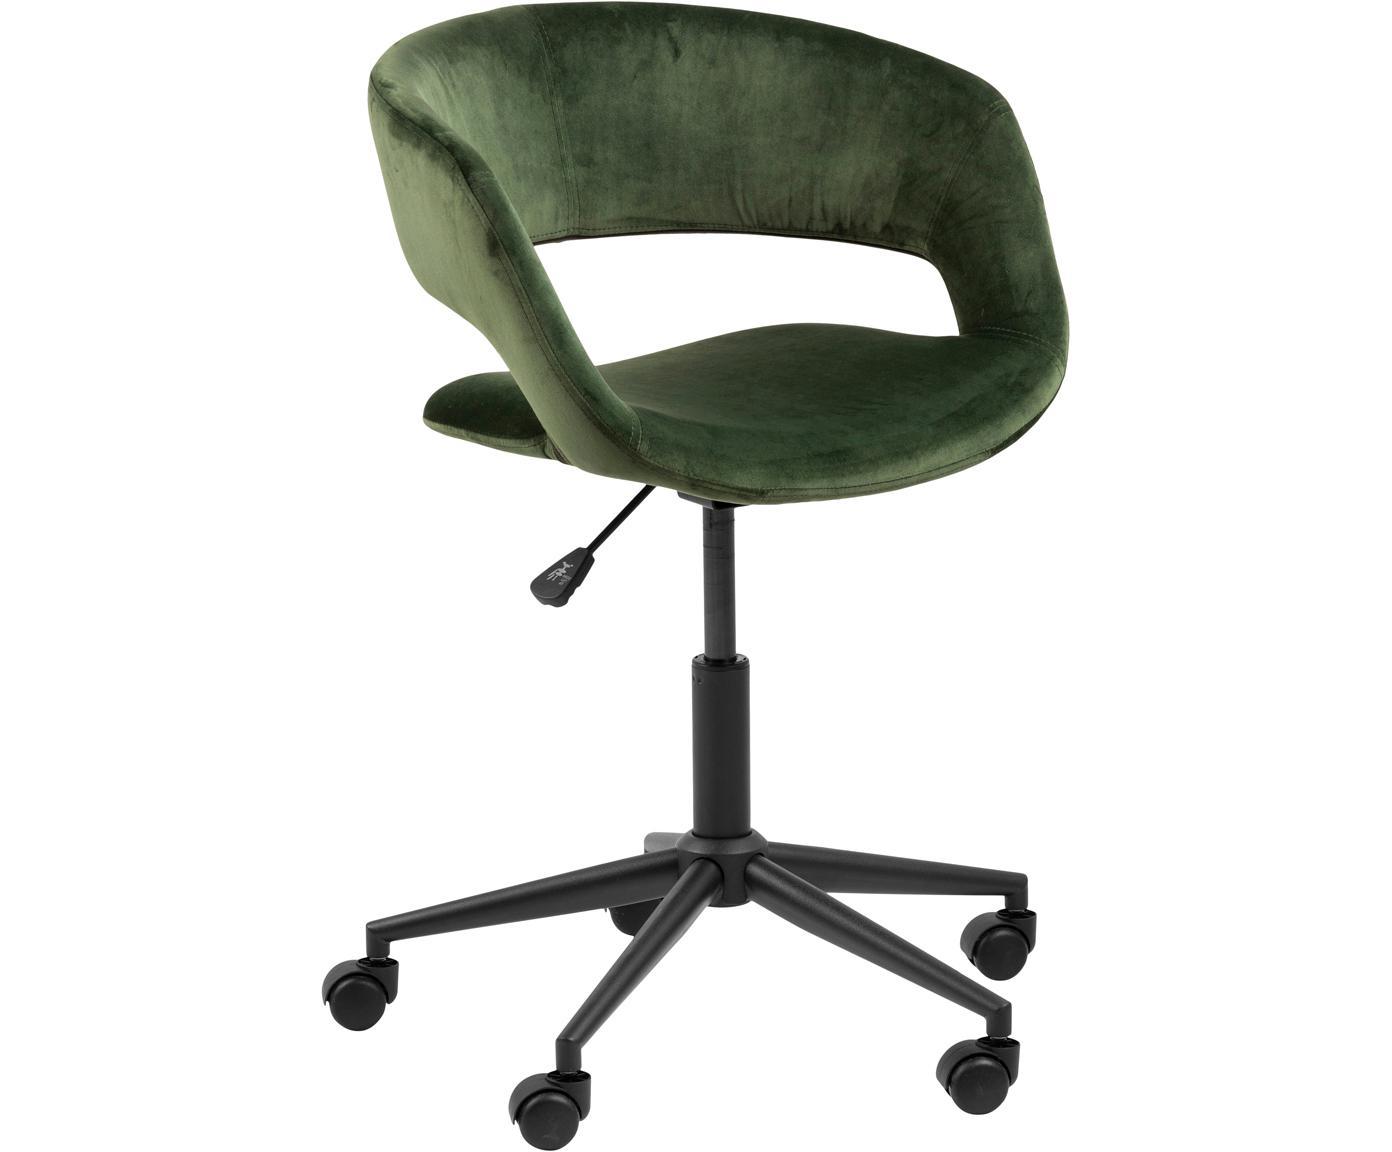 Biurowe krzesło obrotowe z aksamitu Grace, Tapicerka: aksamit poliestrowy 2500, Stelaż: metal malowany proszkowo, Zielony, czarny, S 56 x G 54 cm